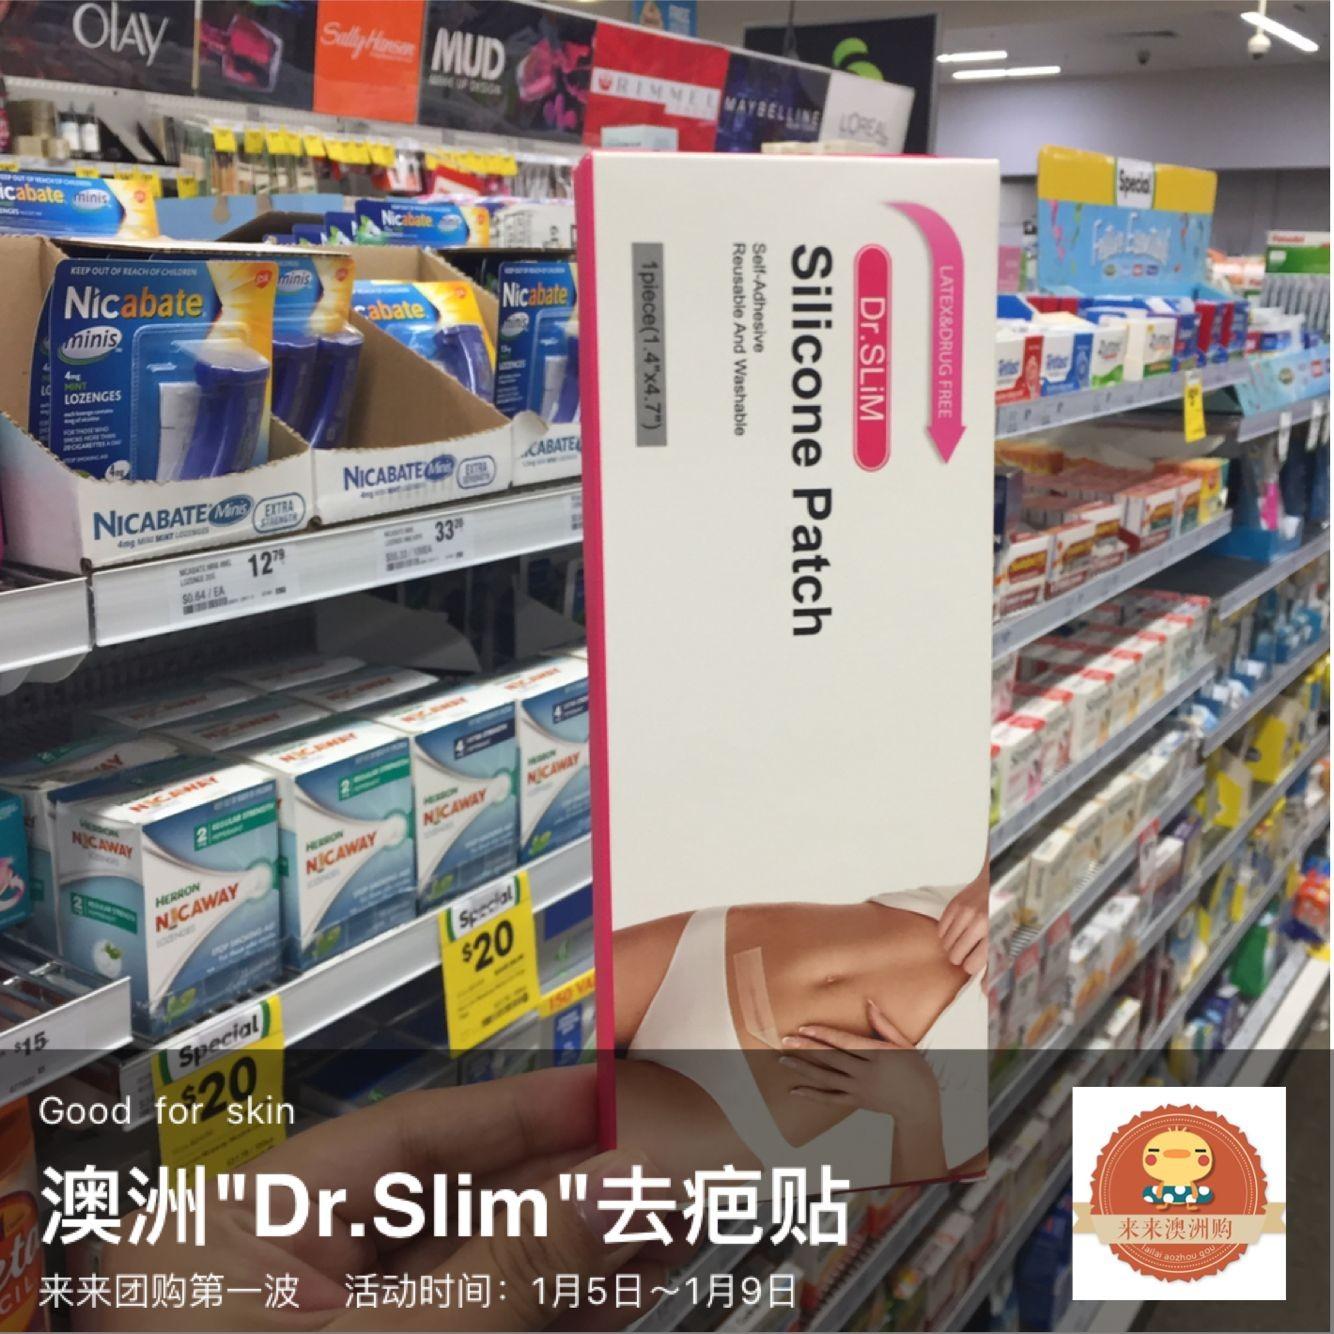 现货澳洲Dr.Slim疤痕贴修复美容美体贴 淡化增生修复痕印划伤抓伤